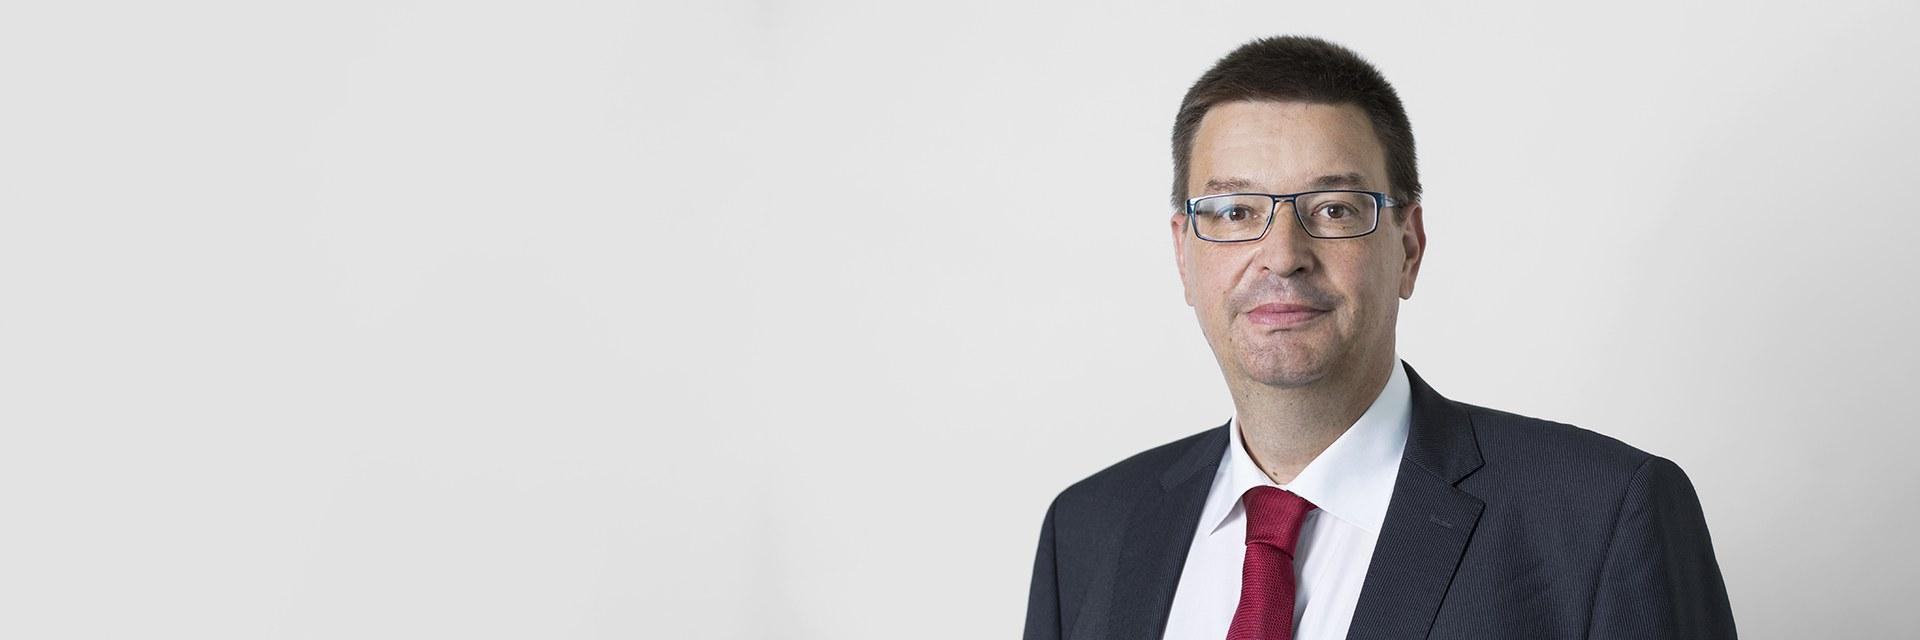 Markus Krack